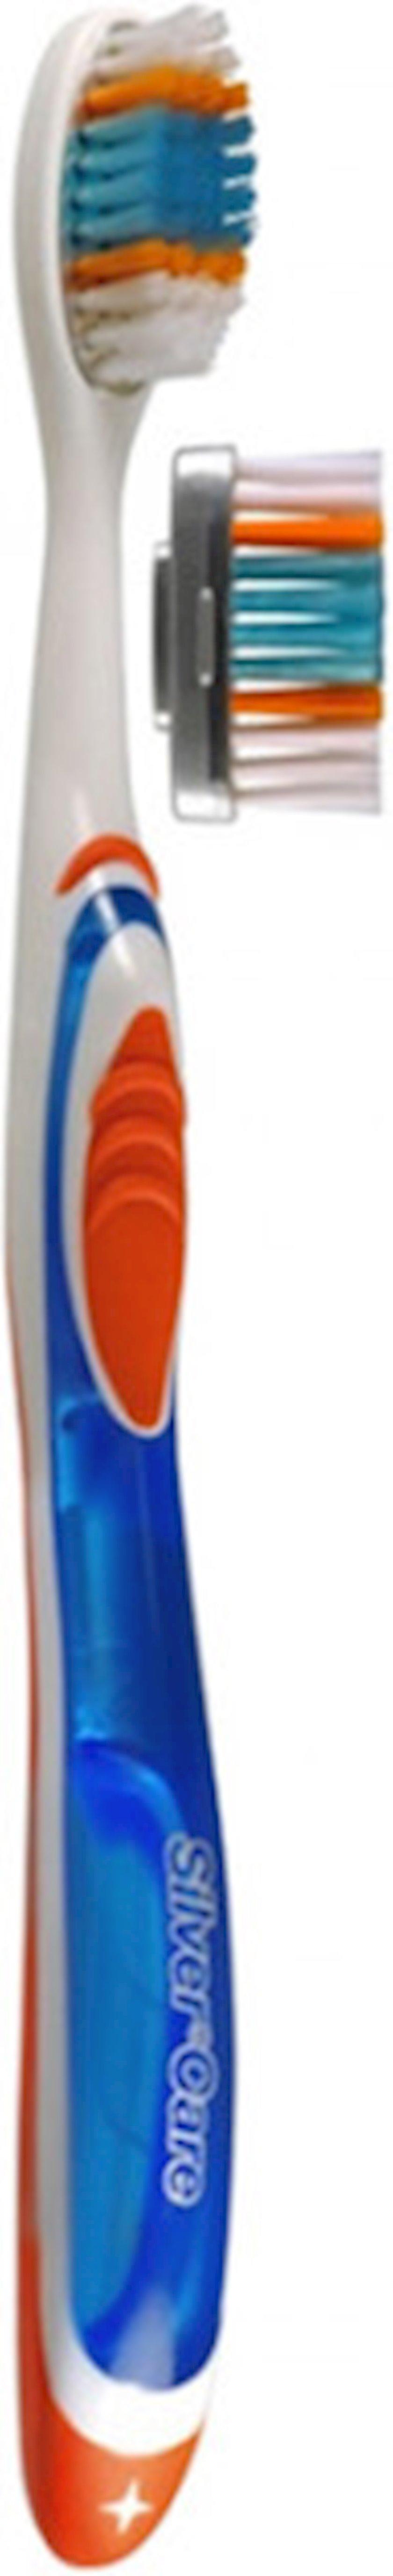 Diş fırçası Silver Care H2O Medium dəyişdirilə bilən başlıqla